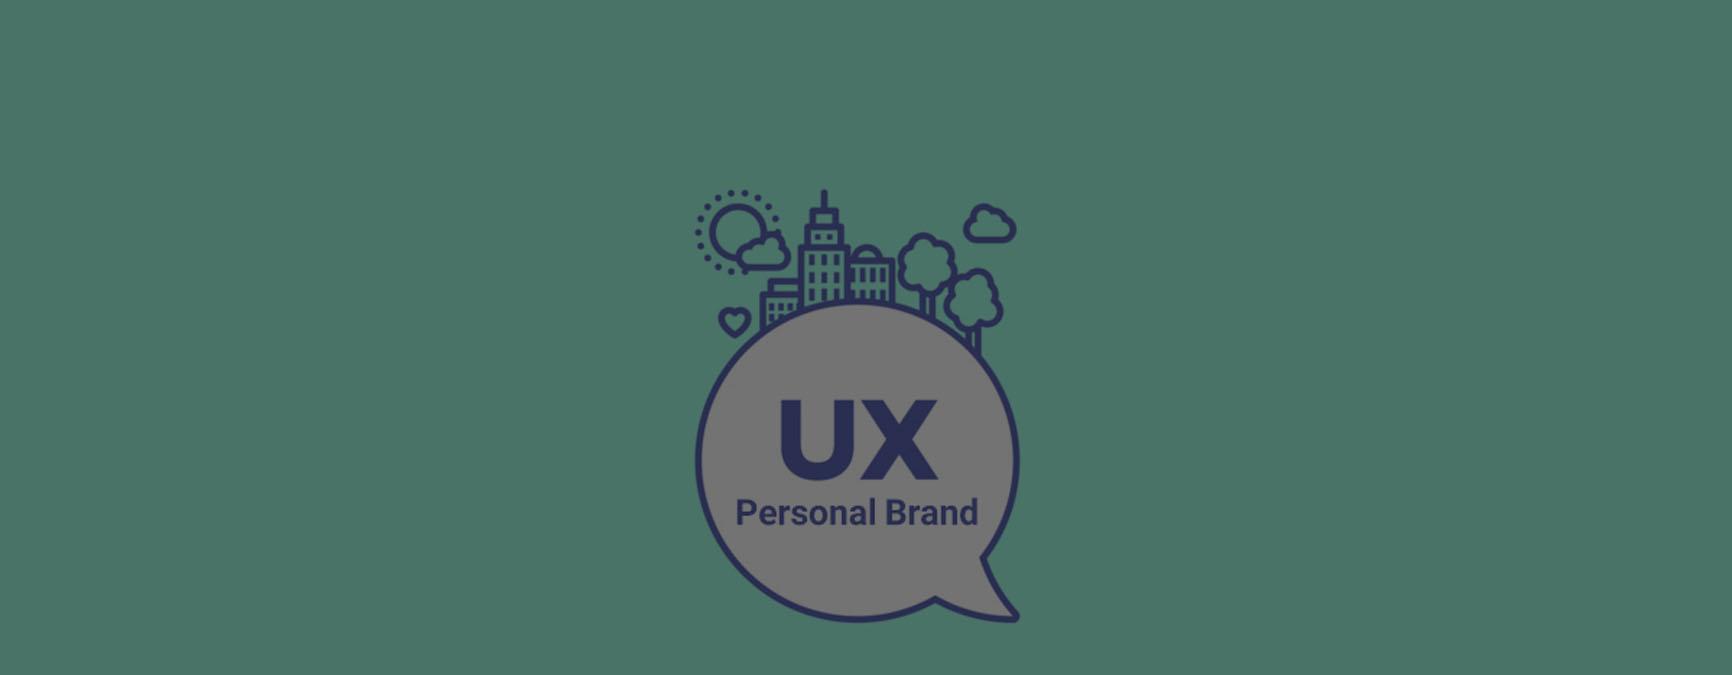 پنج روش برای ایجاد یک برند شخصی موفق در UX